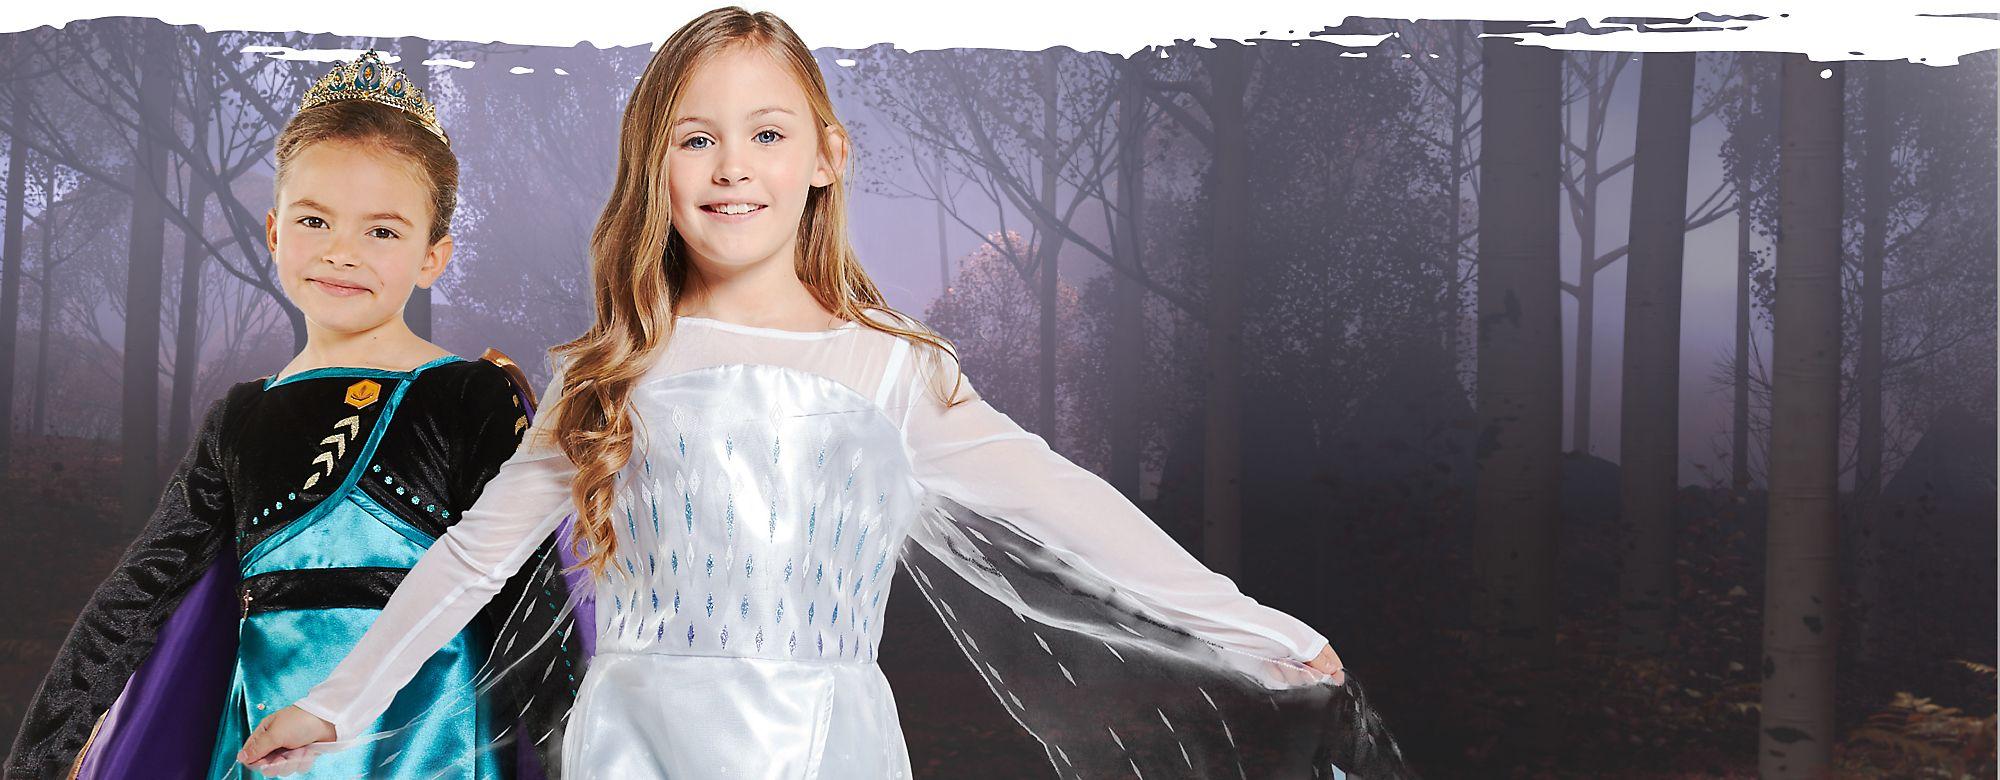 La colección más guay de disfraces Con estos disfraces, las pequeñas princesitas podrán adentrarse en un bosque de diversión